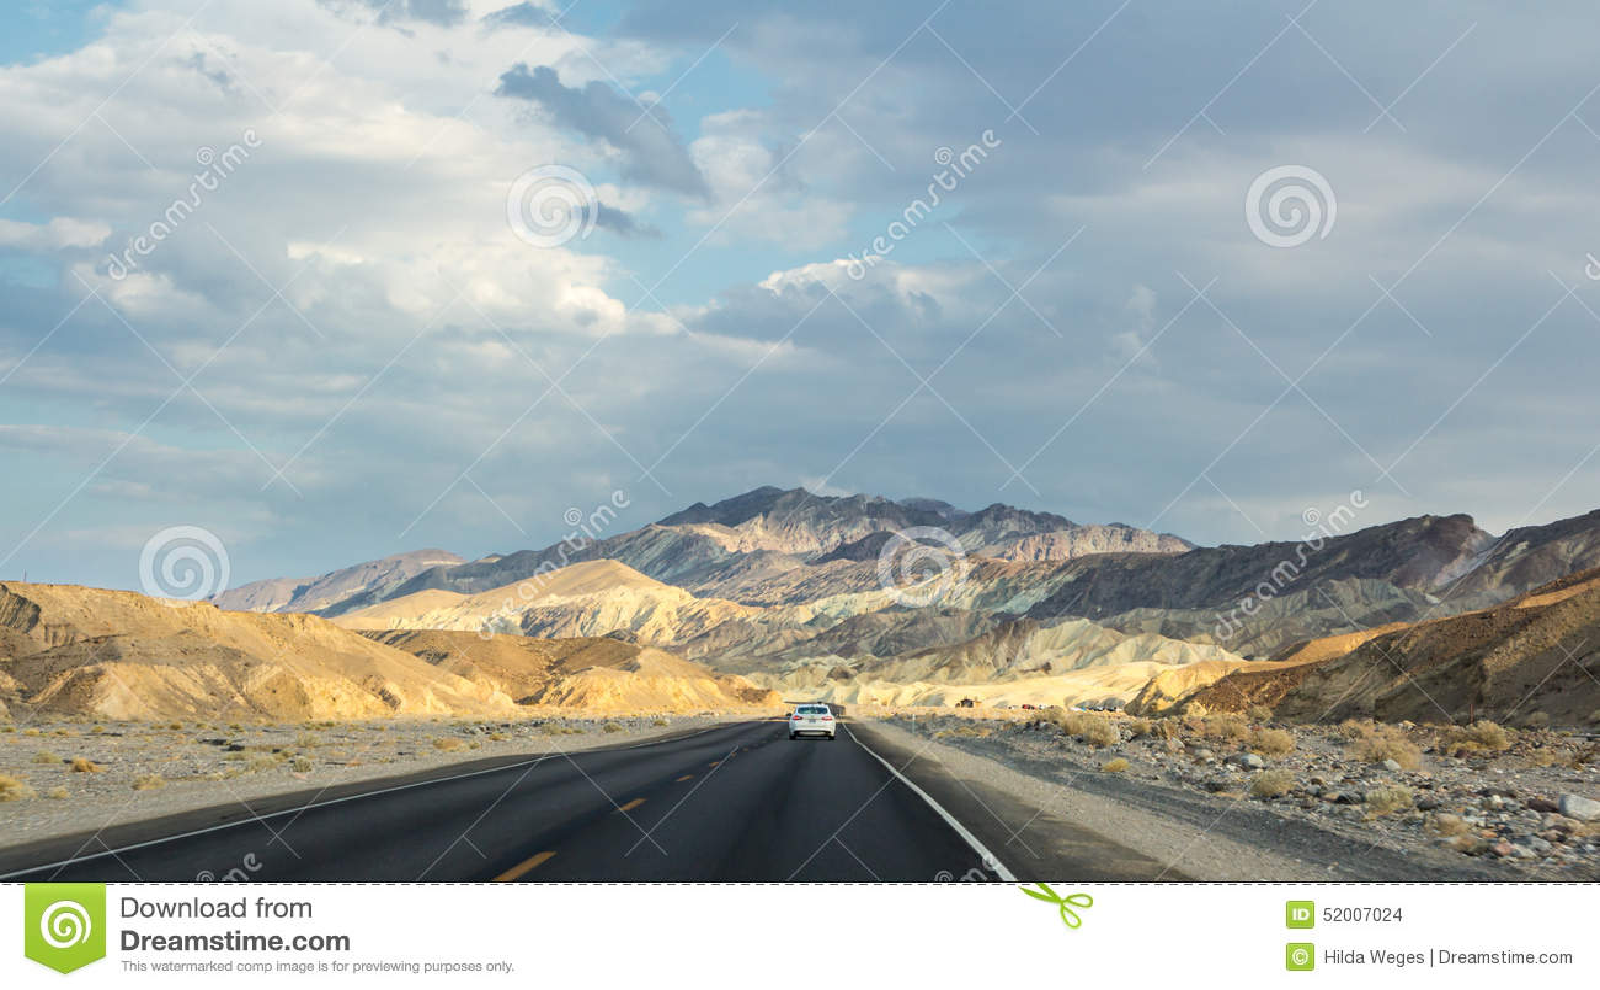 Landscape near Zabriskie point during sunset in Death Valley NP US